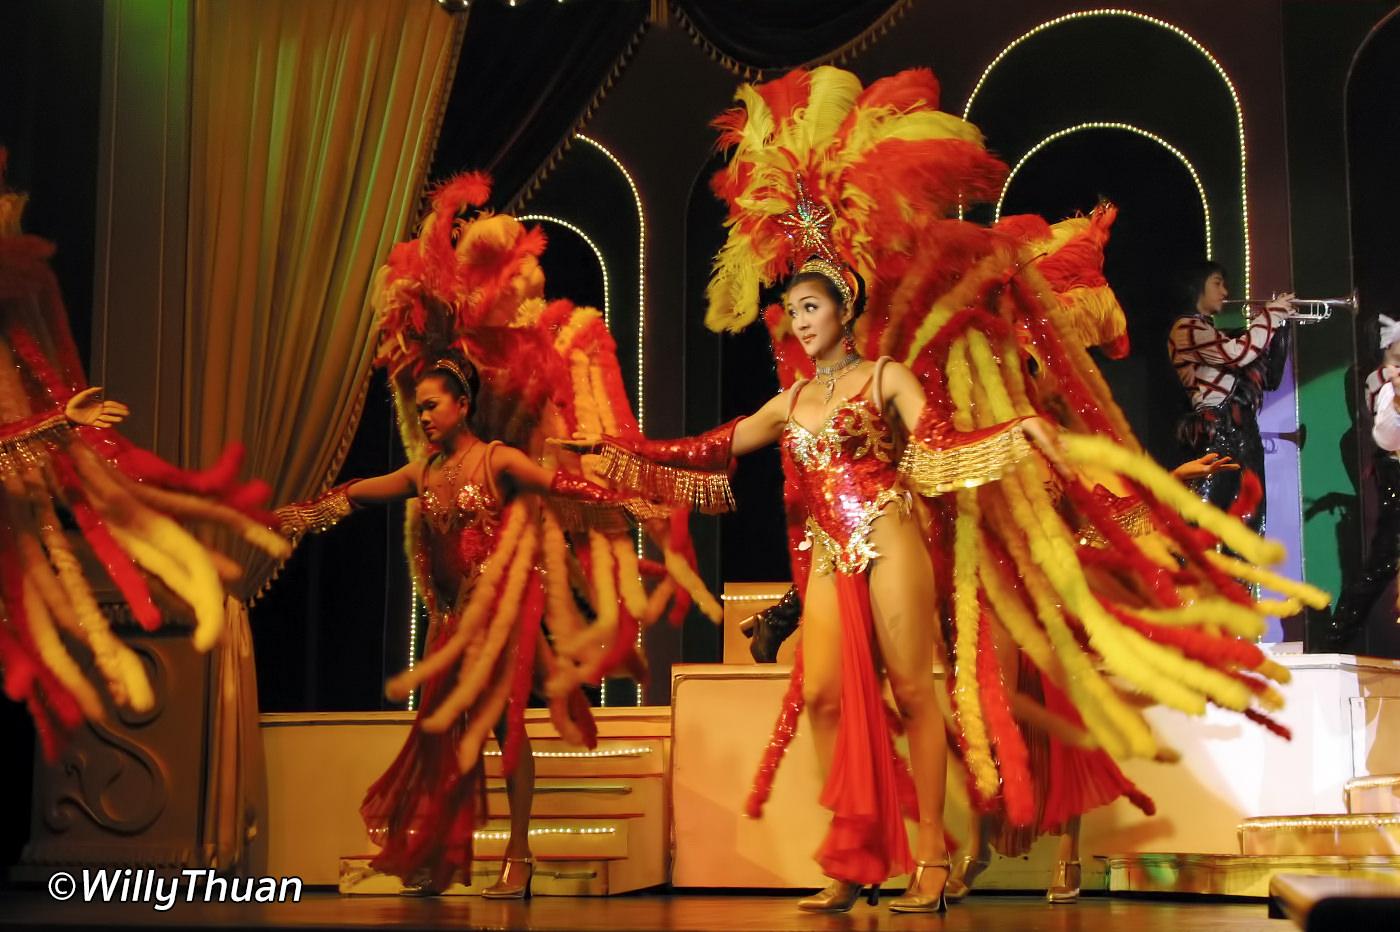 Phuket Simon Cabaret Ladyboy Show